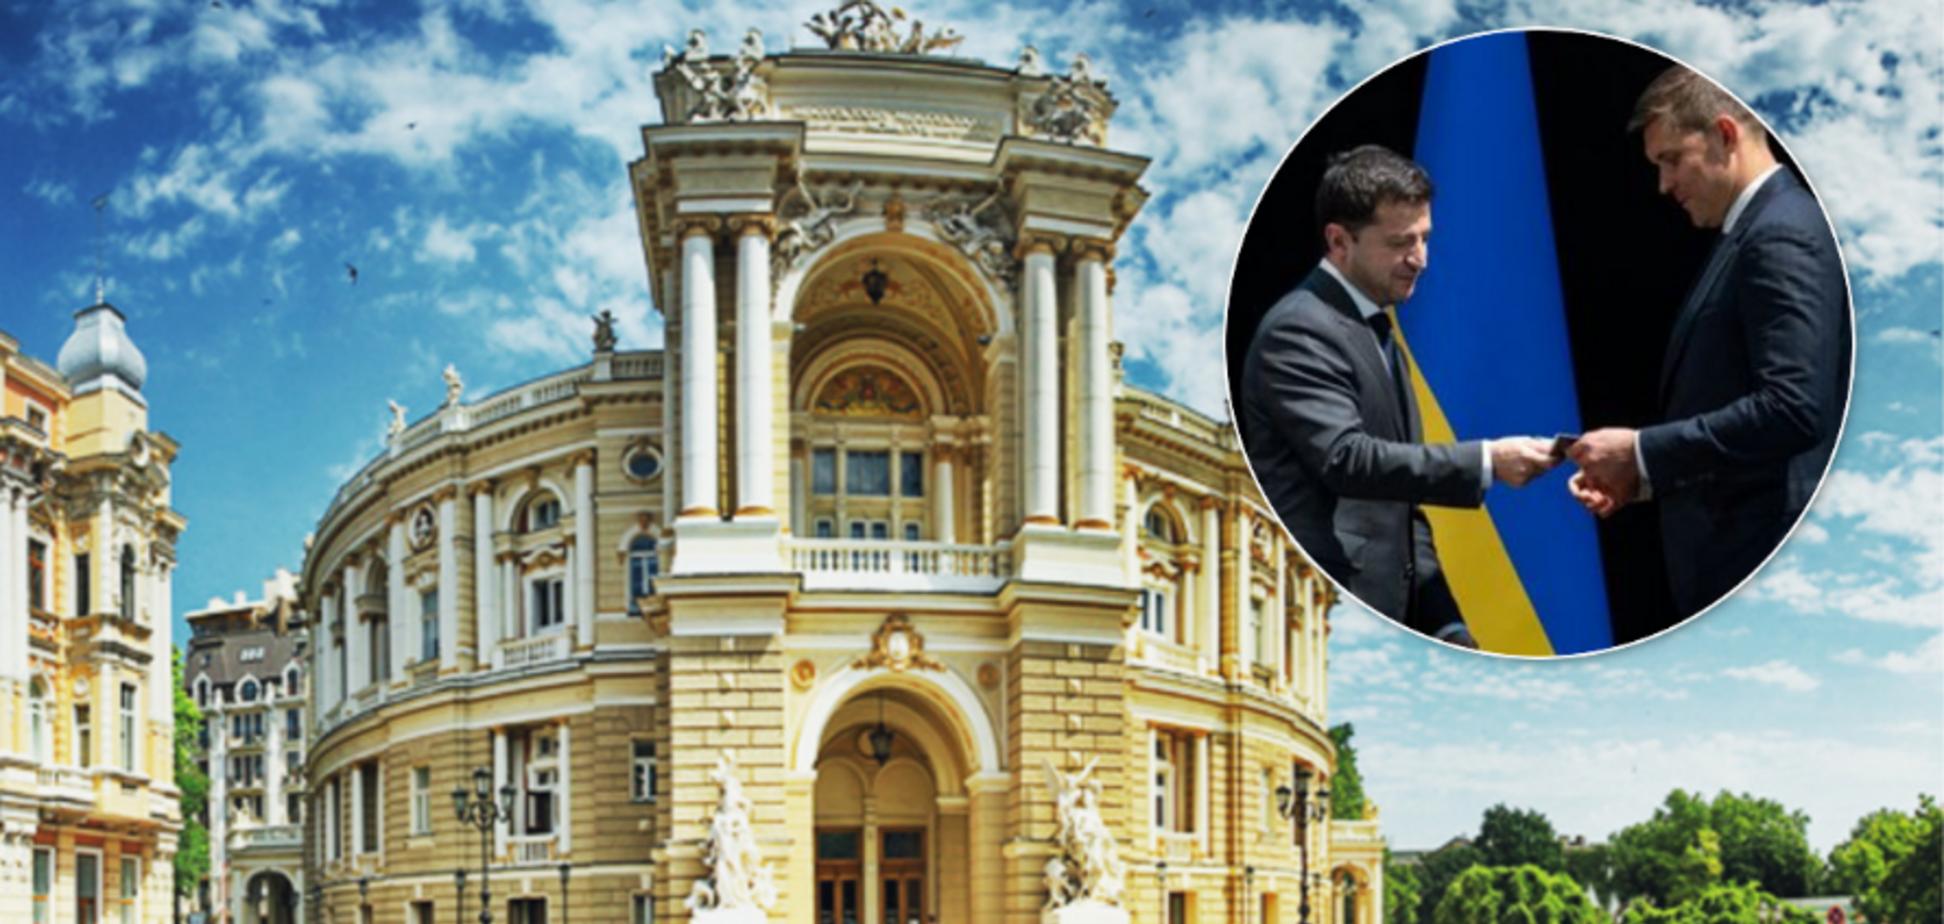 'Незашкваренный'. Почему одесситы недовольны губернатором Куцым?